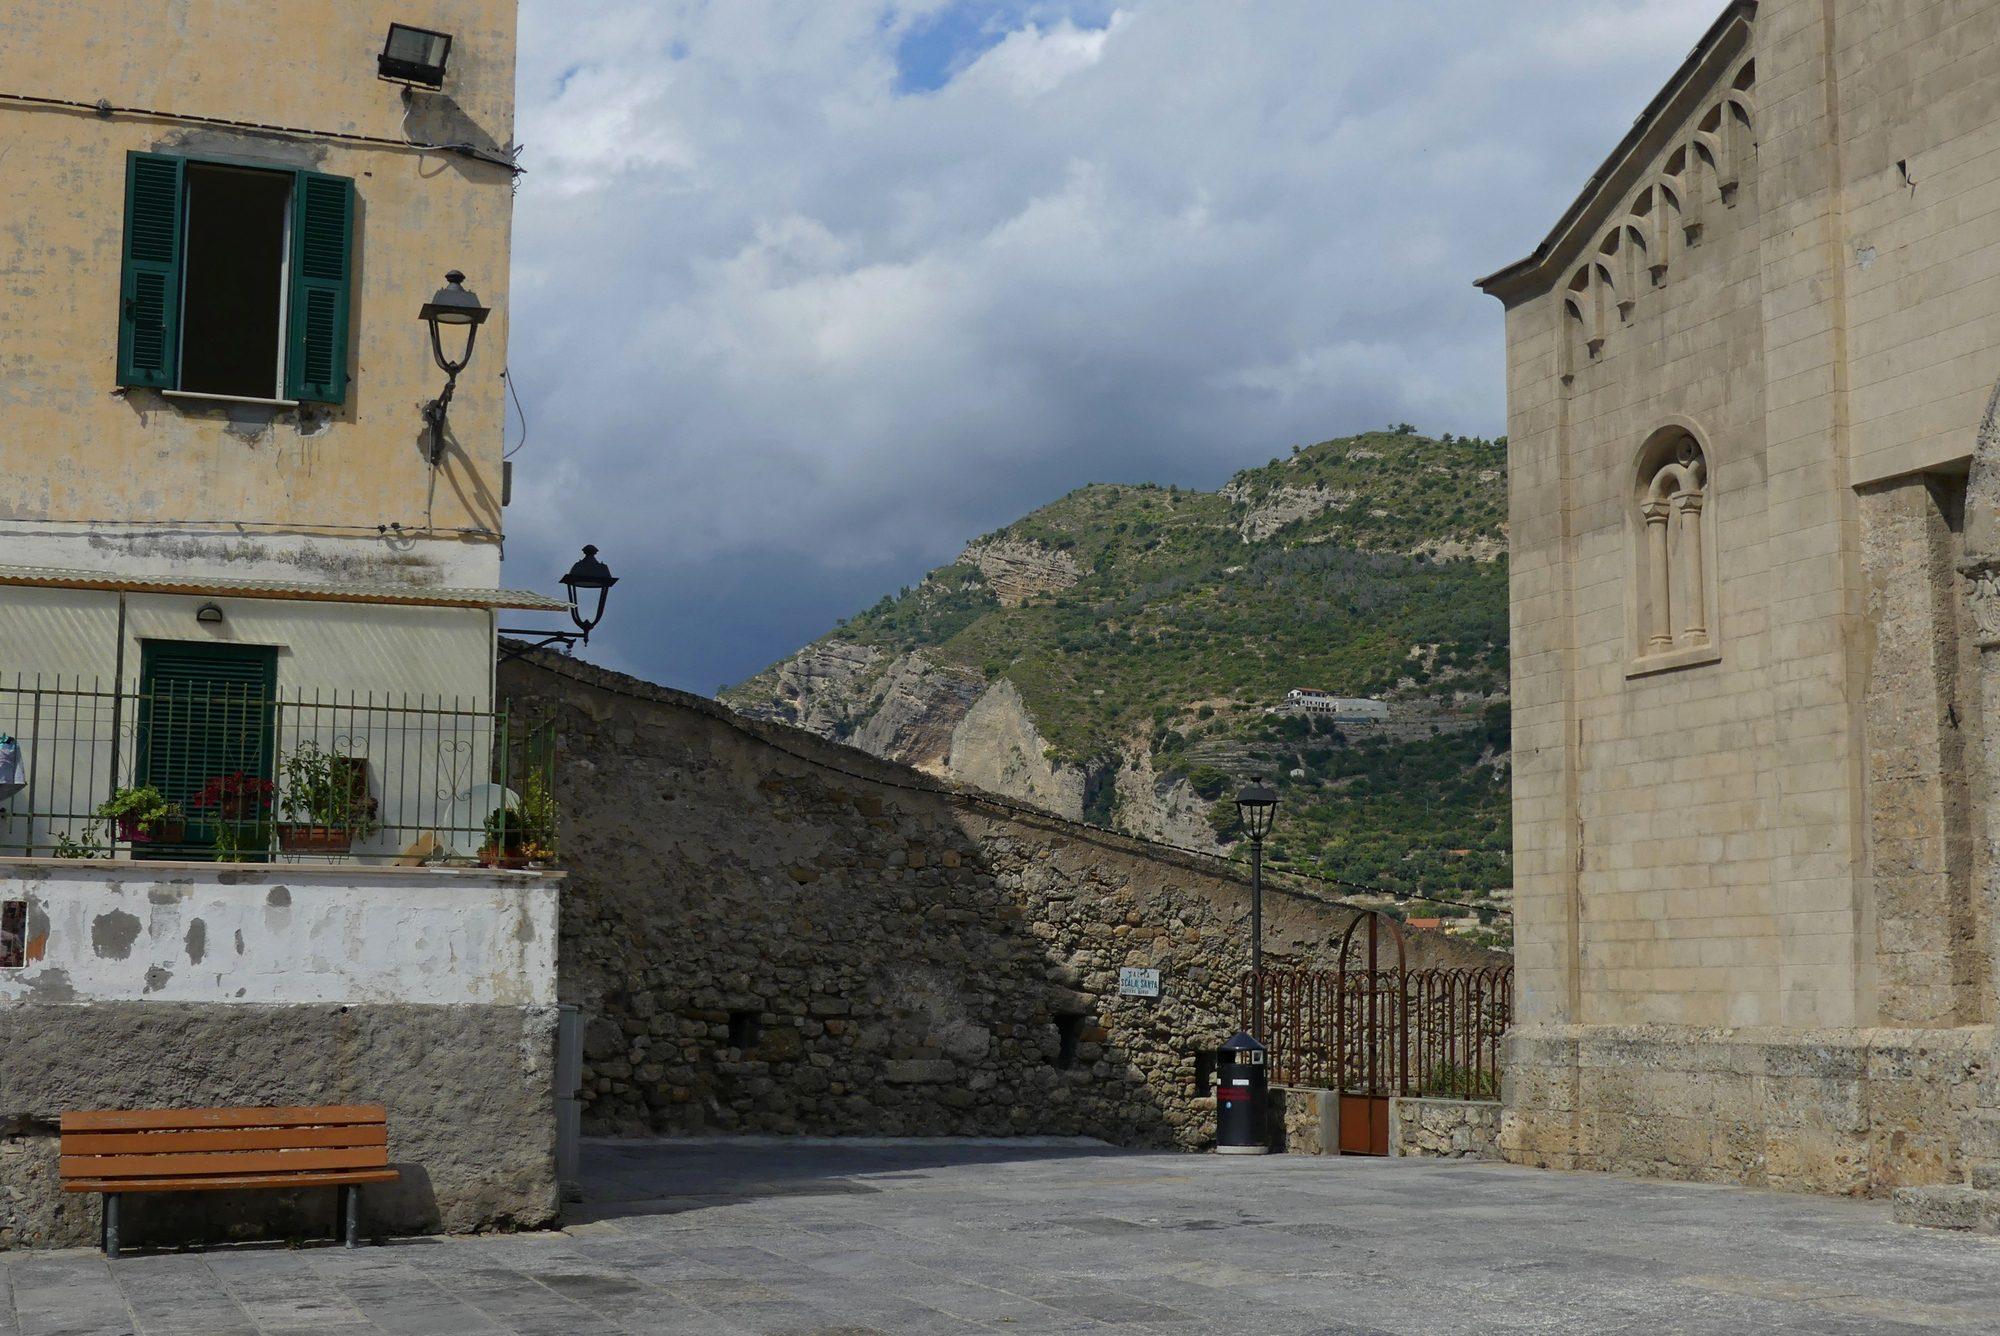 Kirchenvorplatz in der Altstadt von Ventimiglia